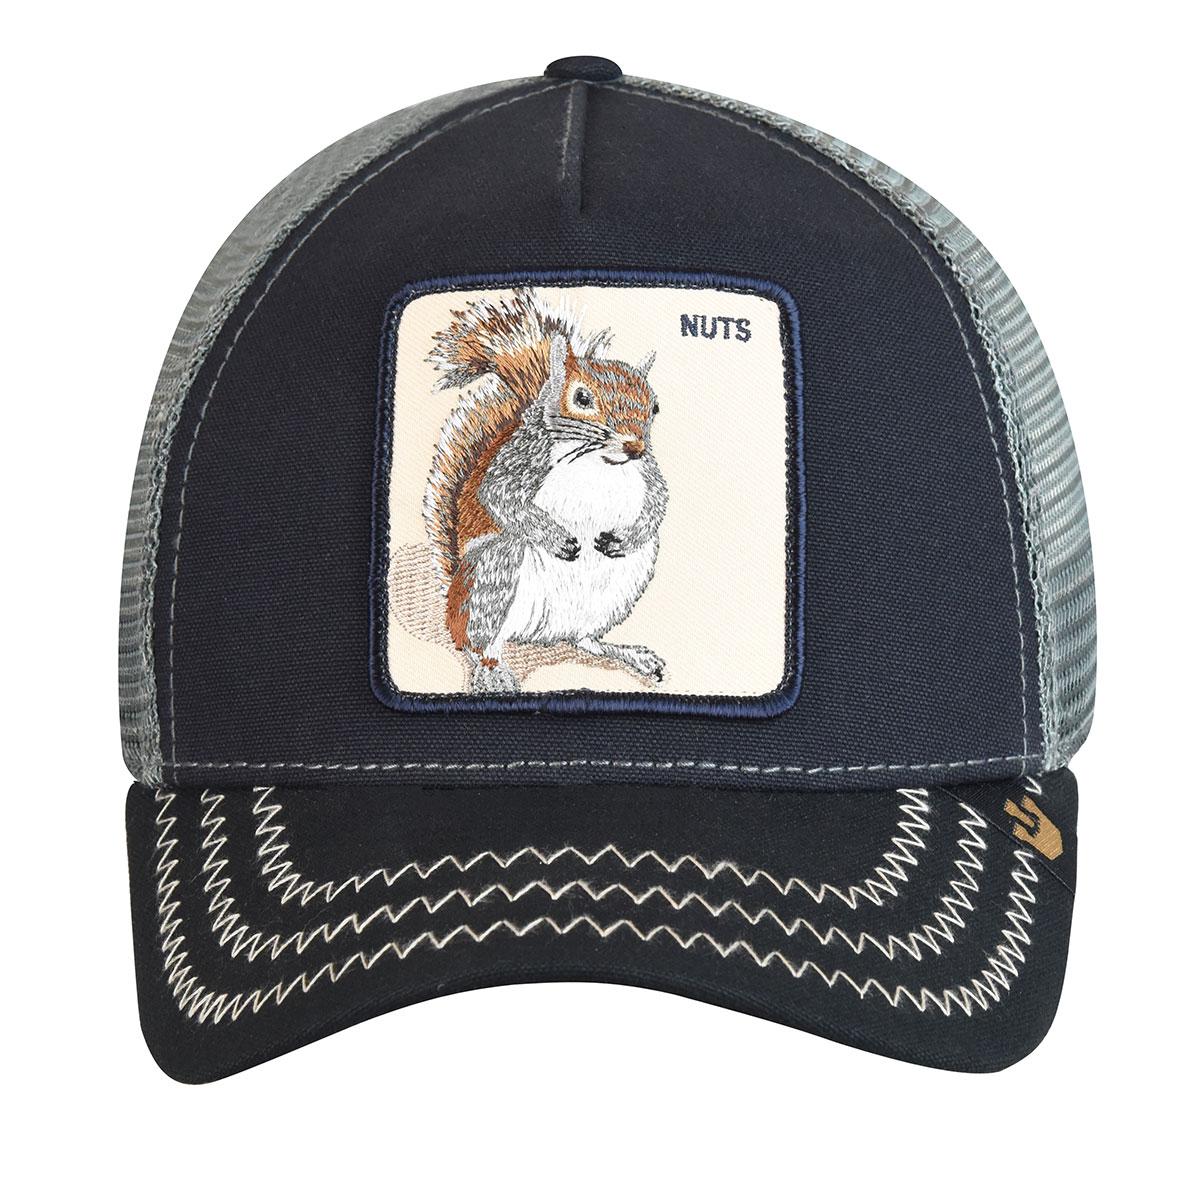 Goorin Bros. Squirrel Master Trucker in Navy